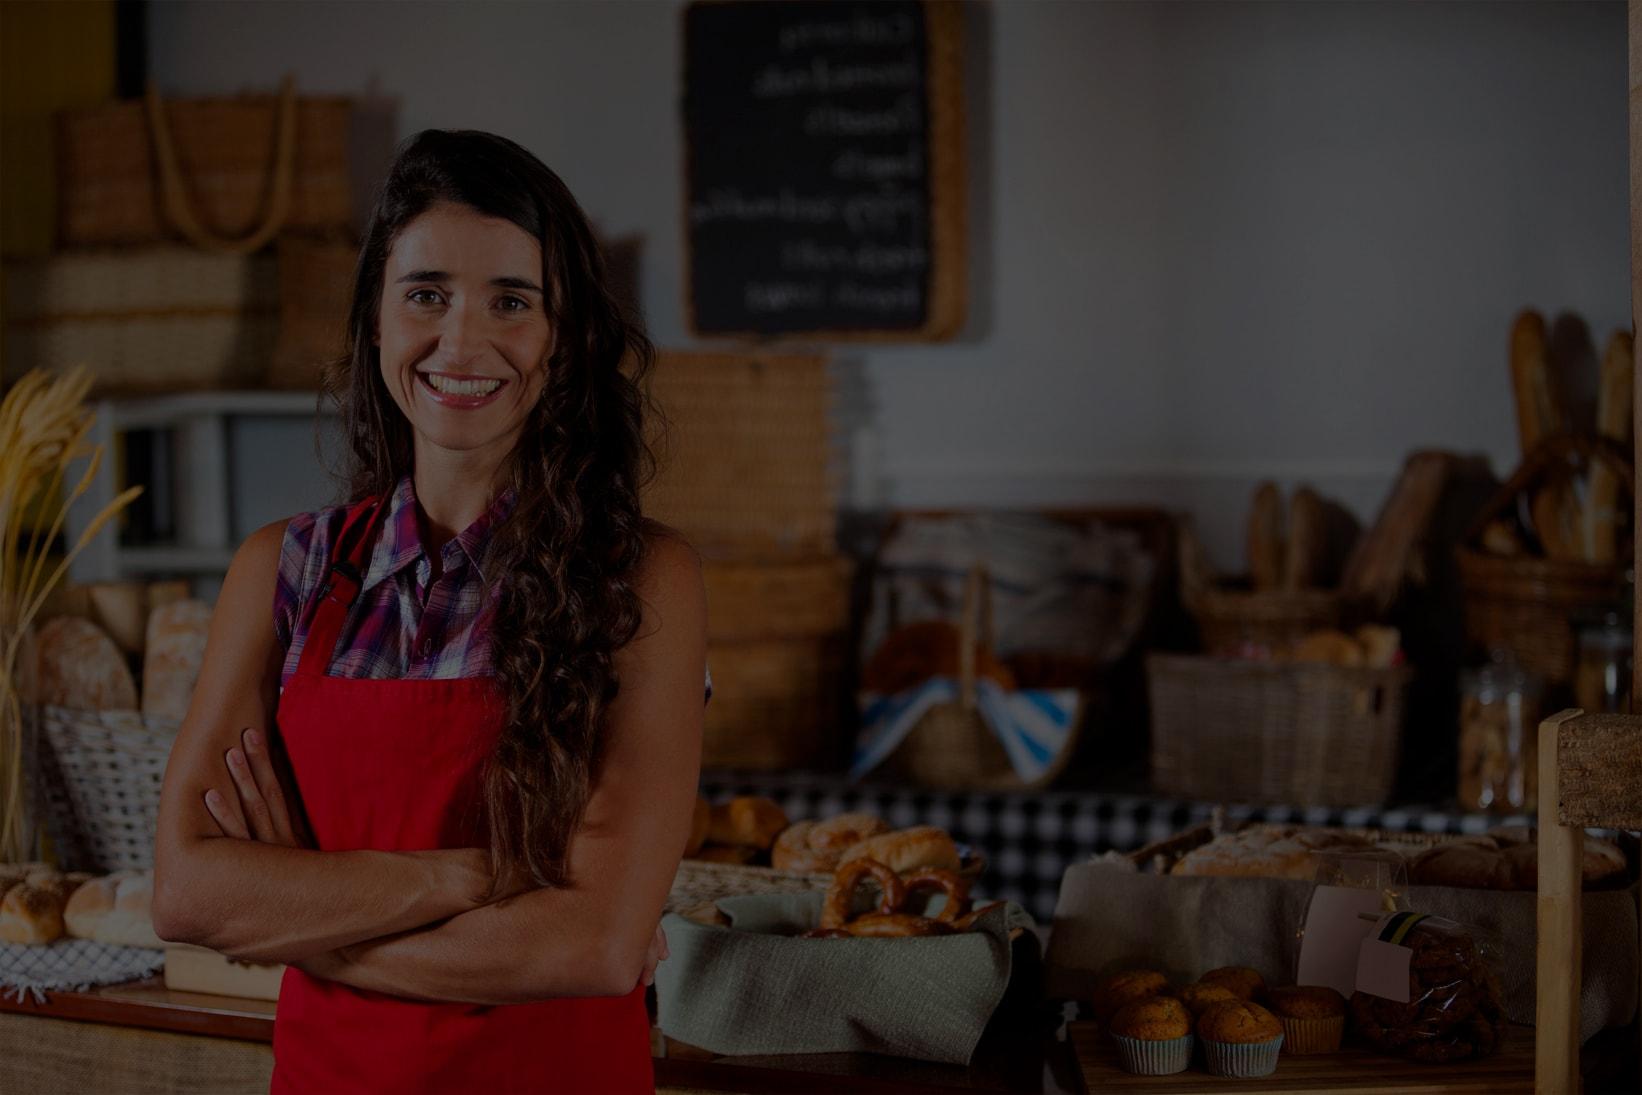 mujer atendiendo negocio de panaderia